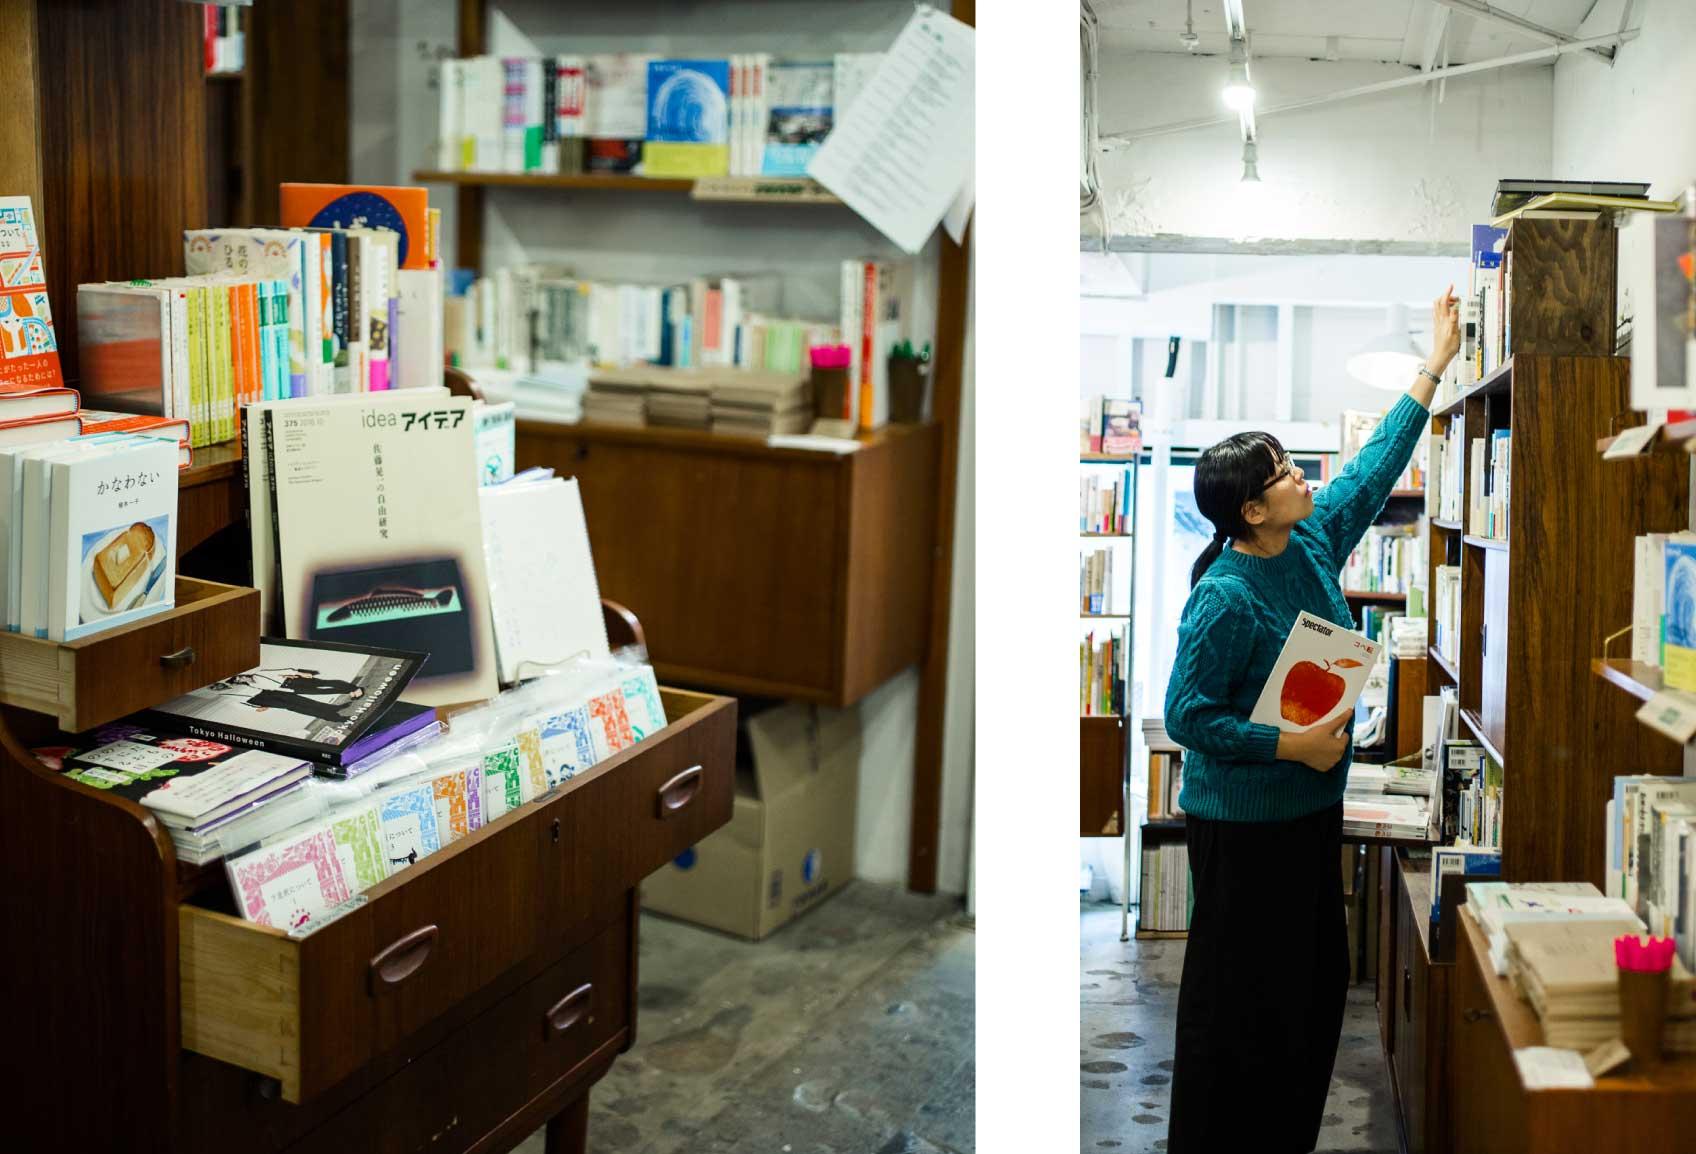 なんと深夜24時まで営業している下北沢の本屋B&Bは、ビール片手に楽しめる本屋さん。小田急線沿線には仕事帰りにふらっと立ち寄りたいお店がたくさんあります。(本好きな友人の部屋にいる気分。『本屋B&B(下北沢・東京)』)